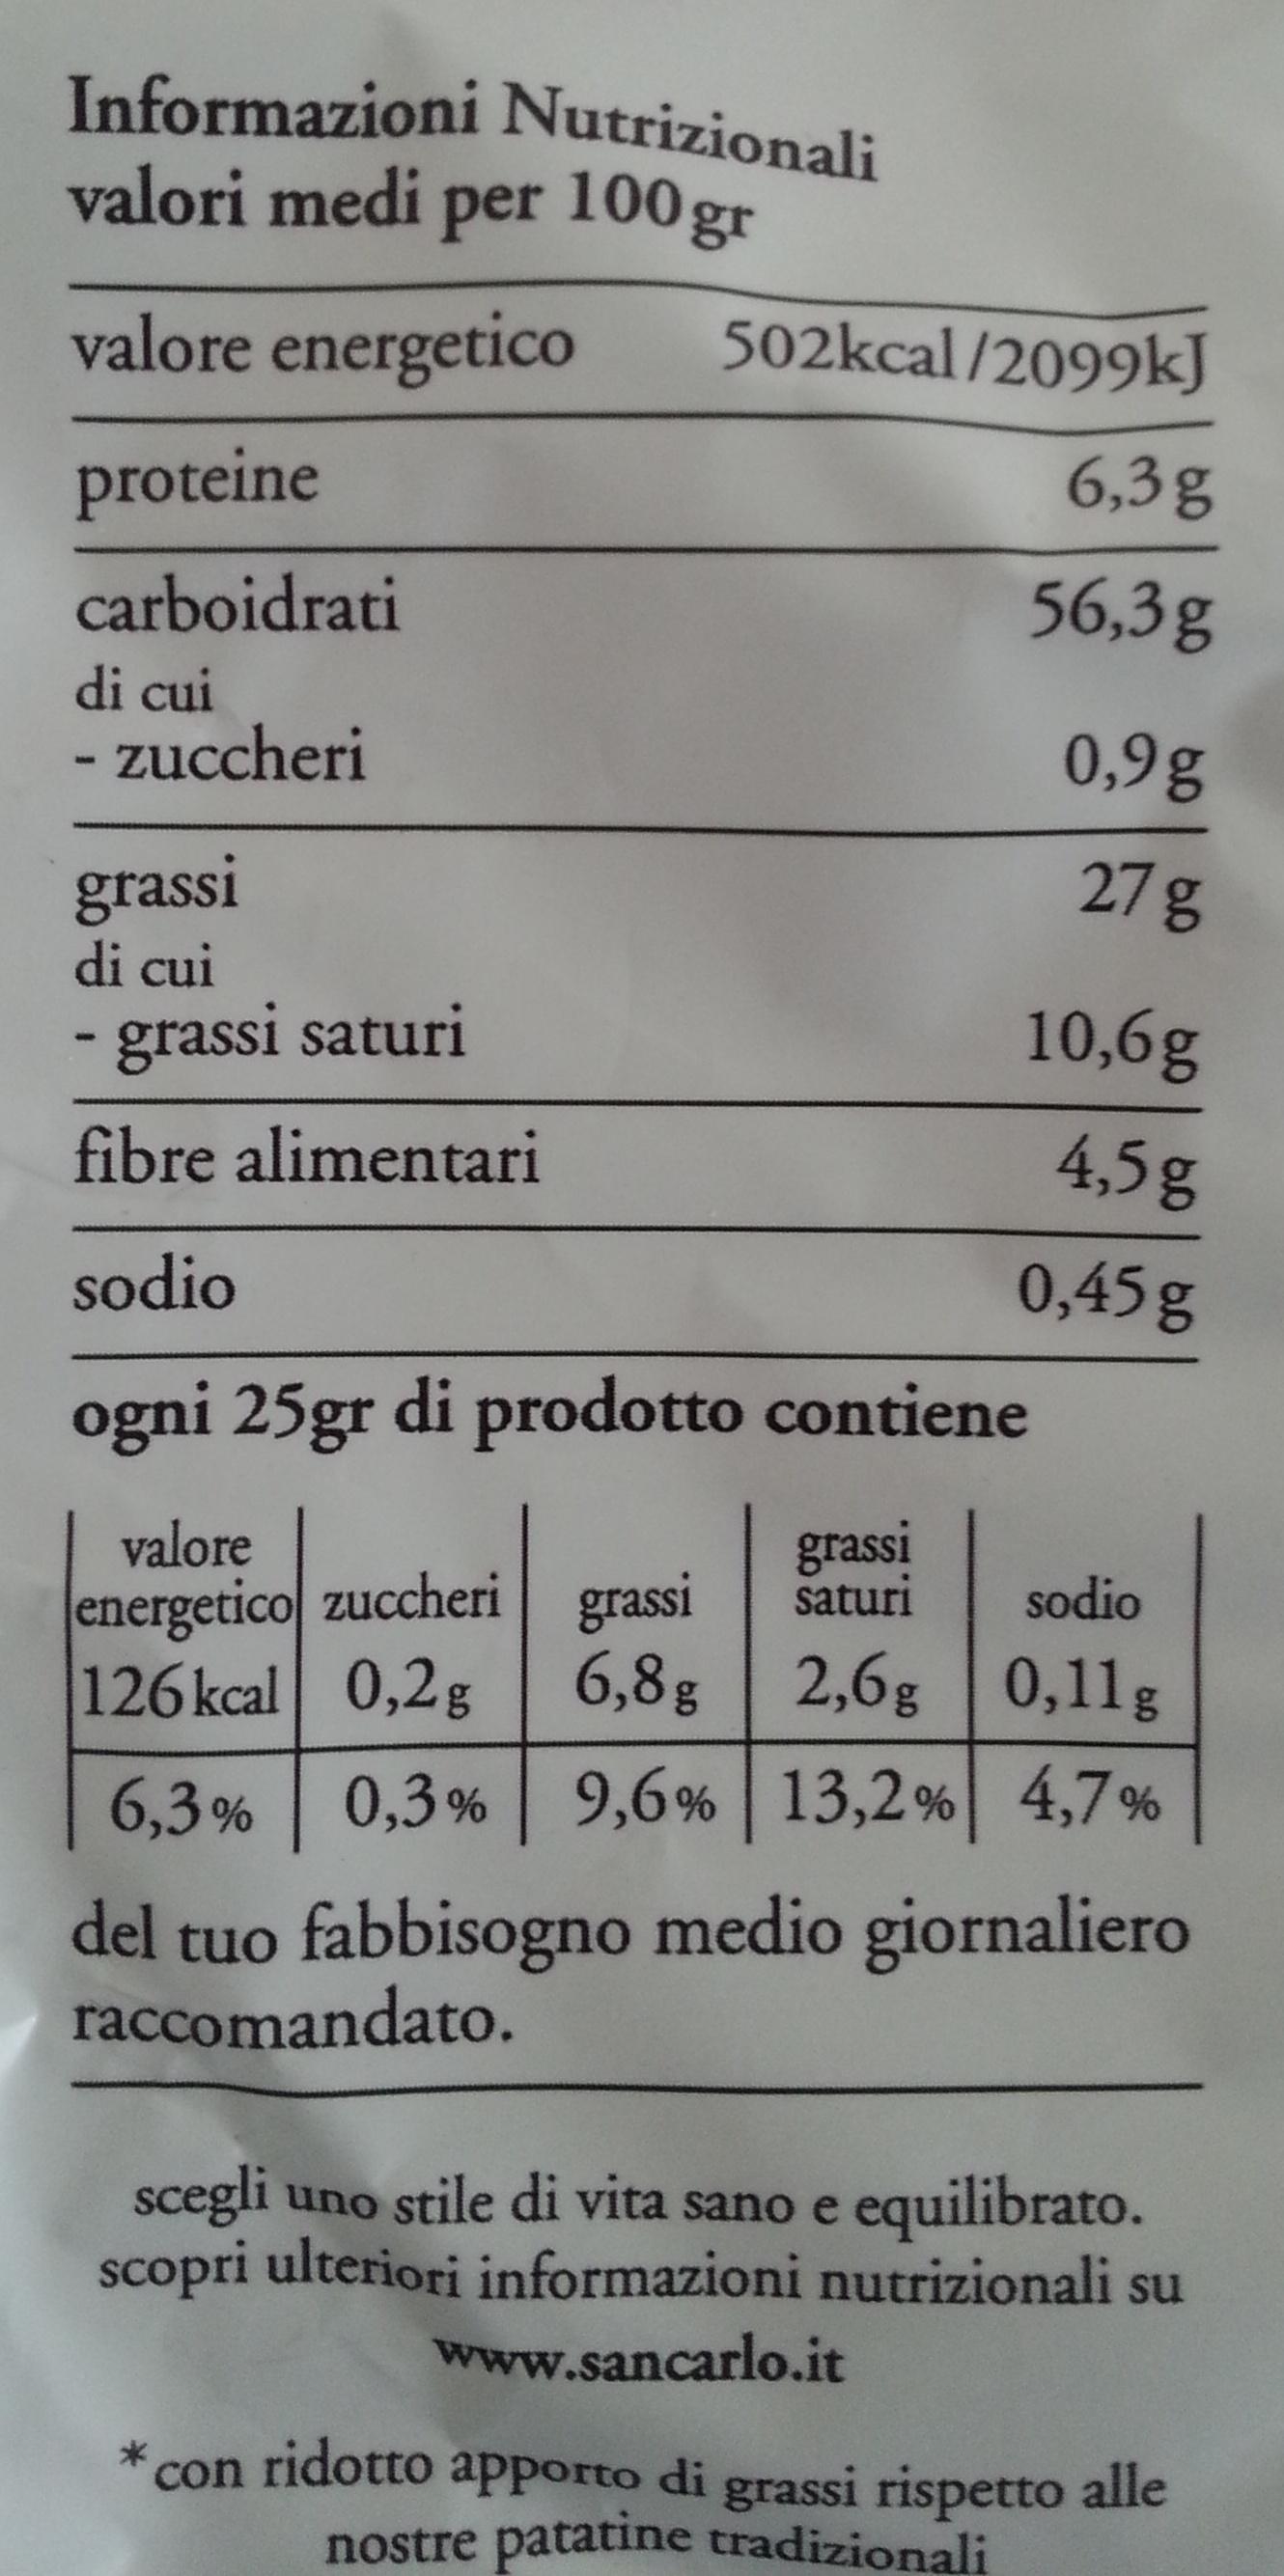 San Carlo Piu' rustica - Informazioni nutrizionali